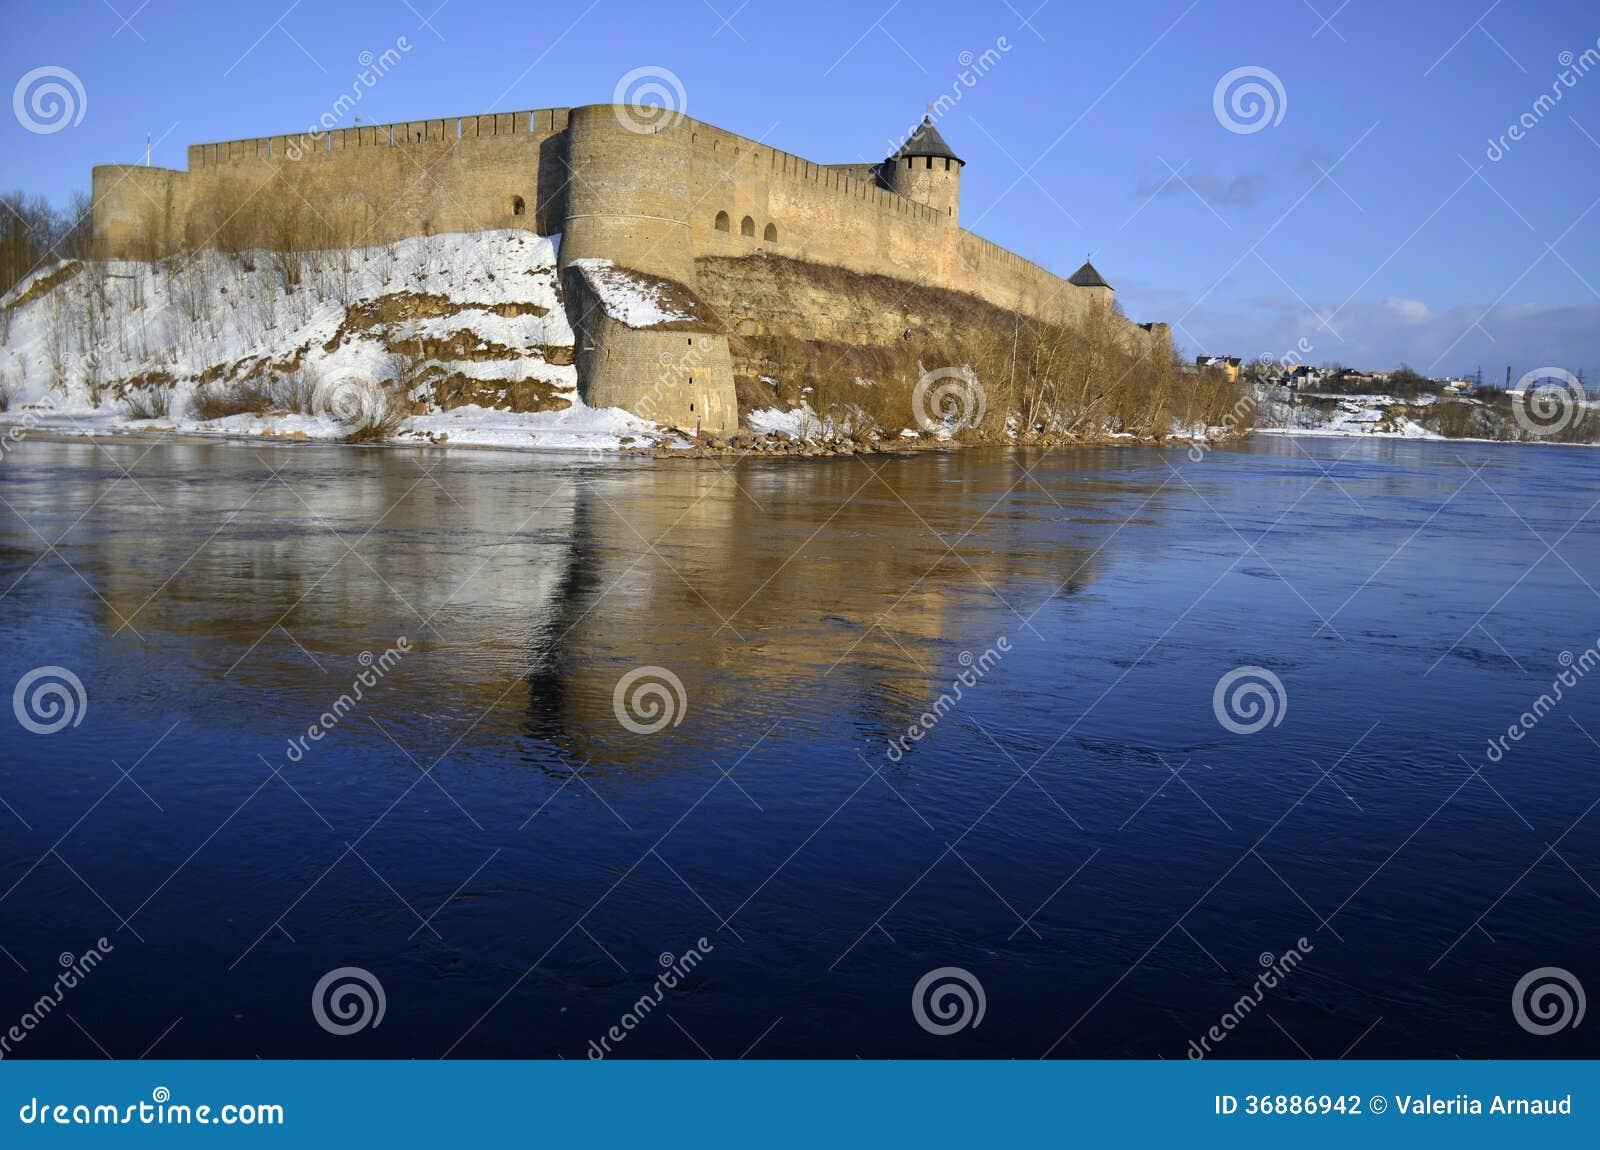 Download Castello Di Ivangorod Nell'inverno Fotografia Stock - Immagine di turismo, medioevale: 36886942